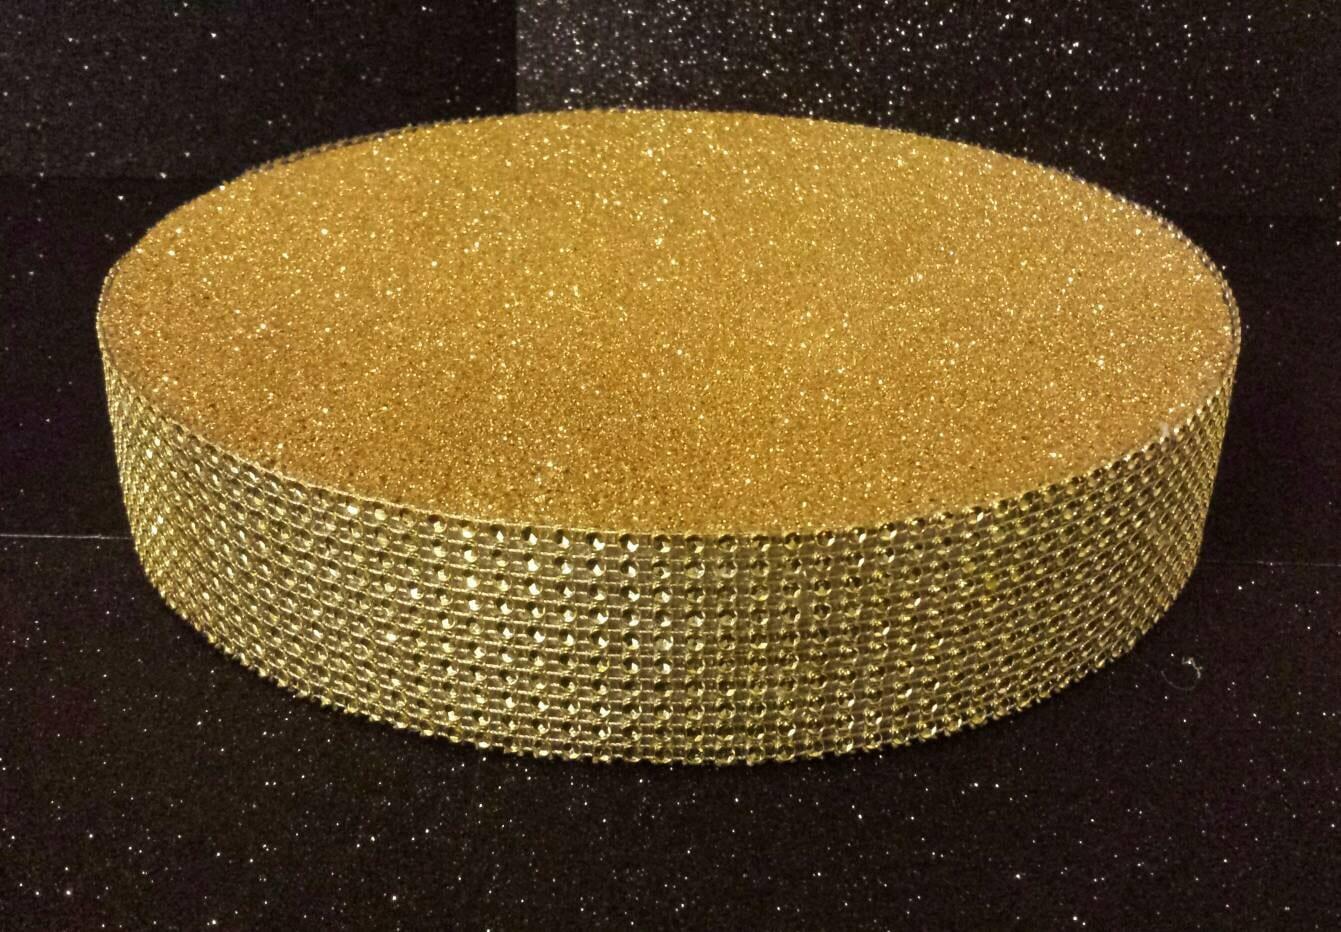 10 Gold Glitter Bling Diamond cake pop or Lollipop stand | Etsy